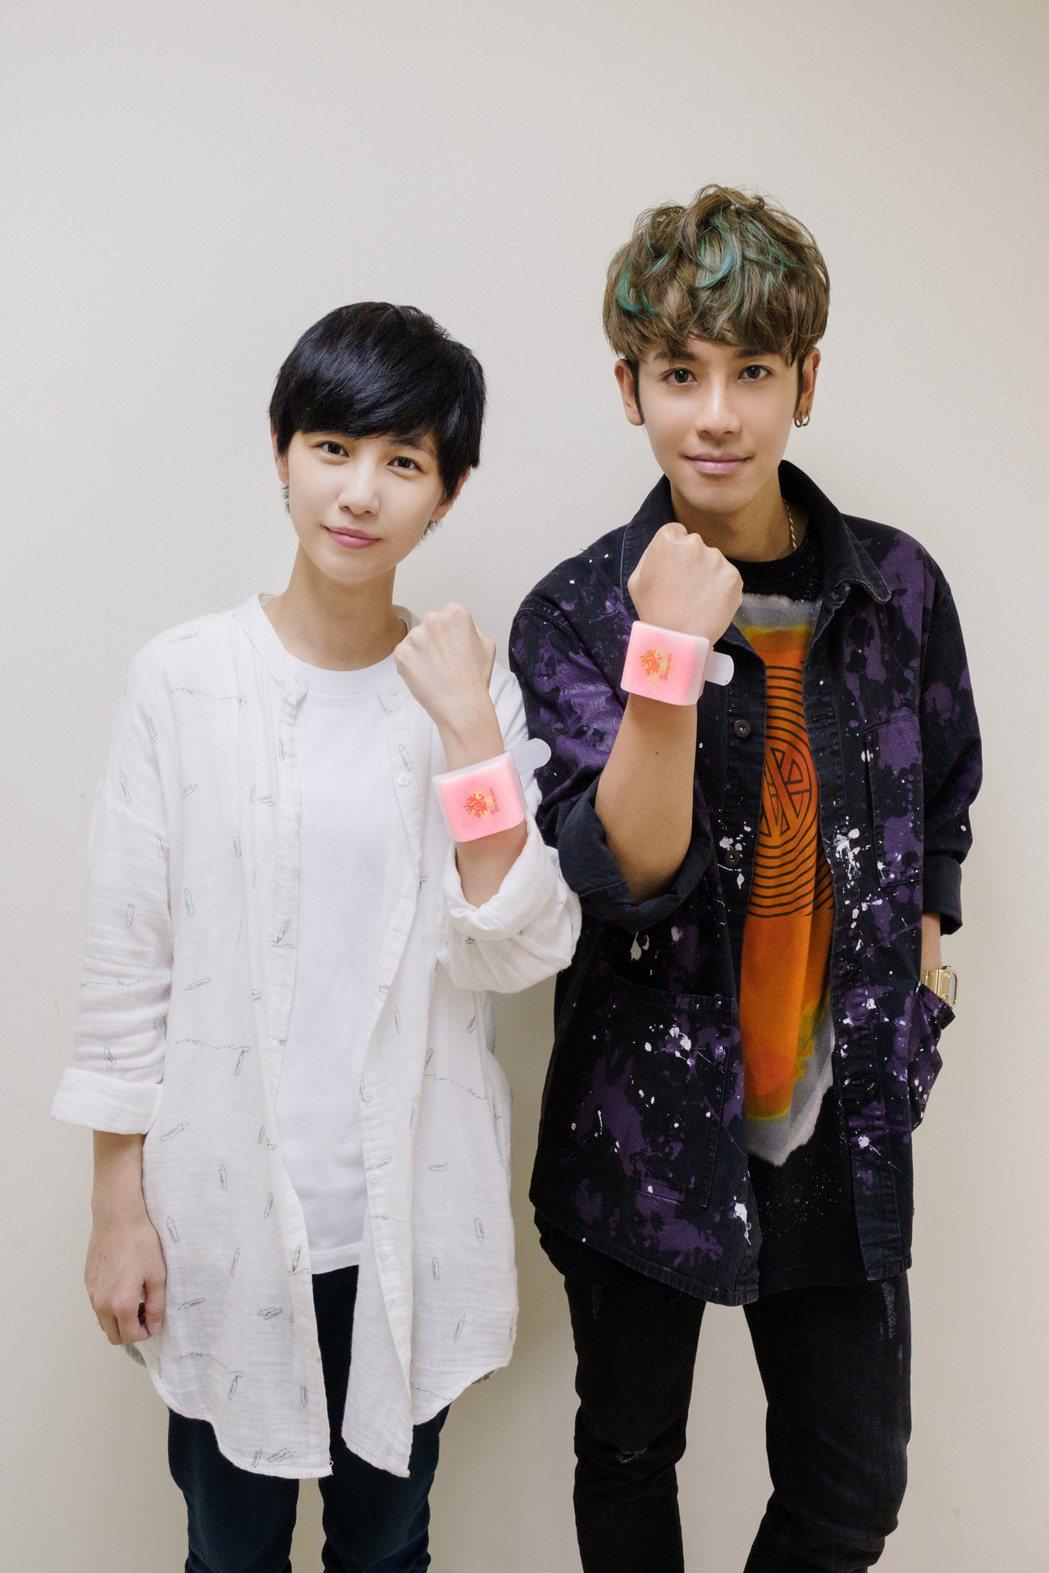 鼓鼓(右)跟魏嘉瑩有張兄妹臉。圖/相信提供